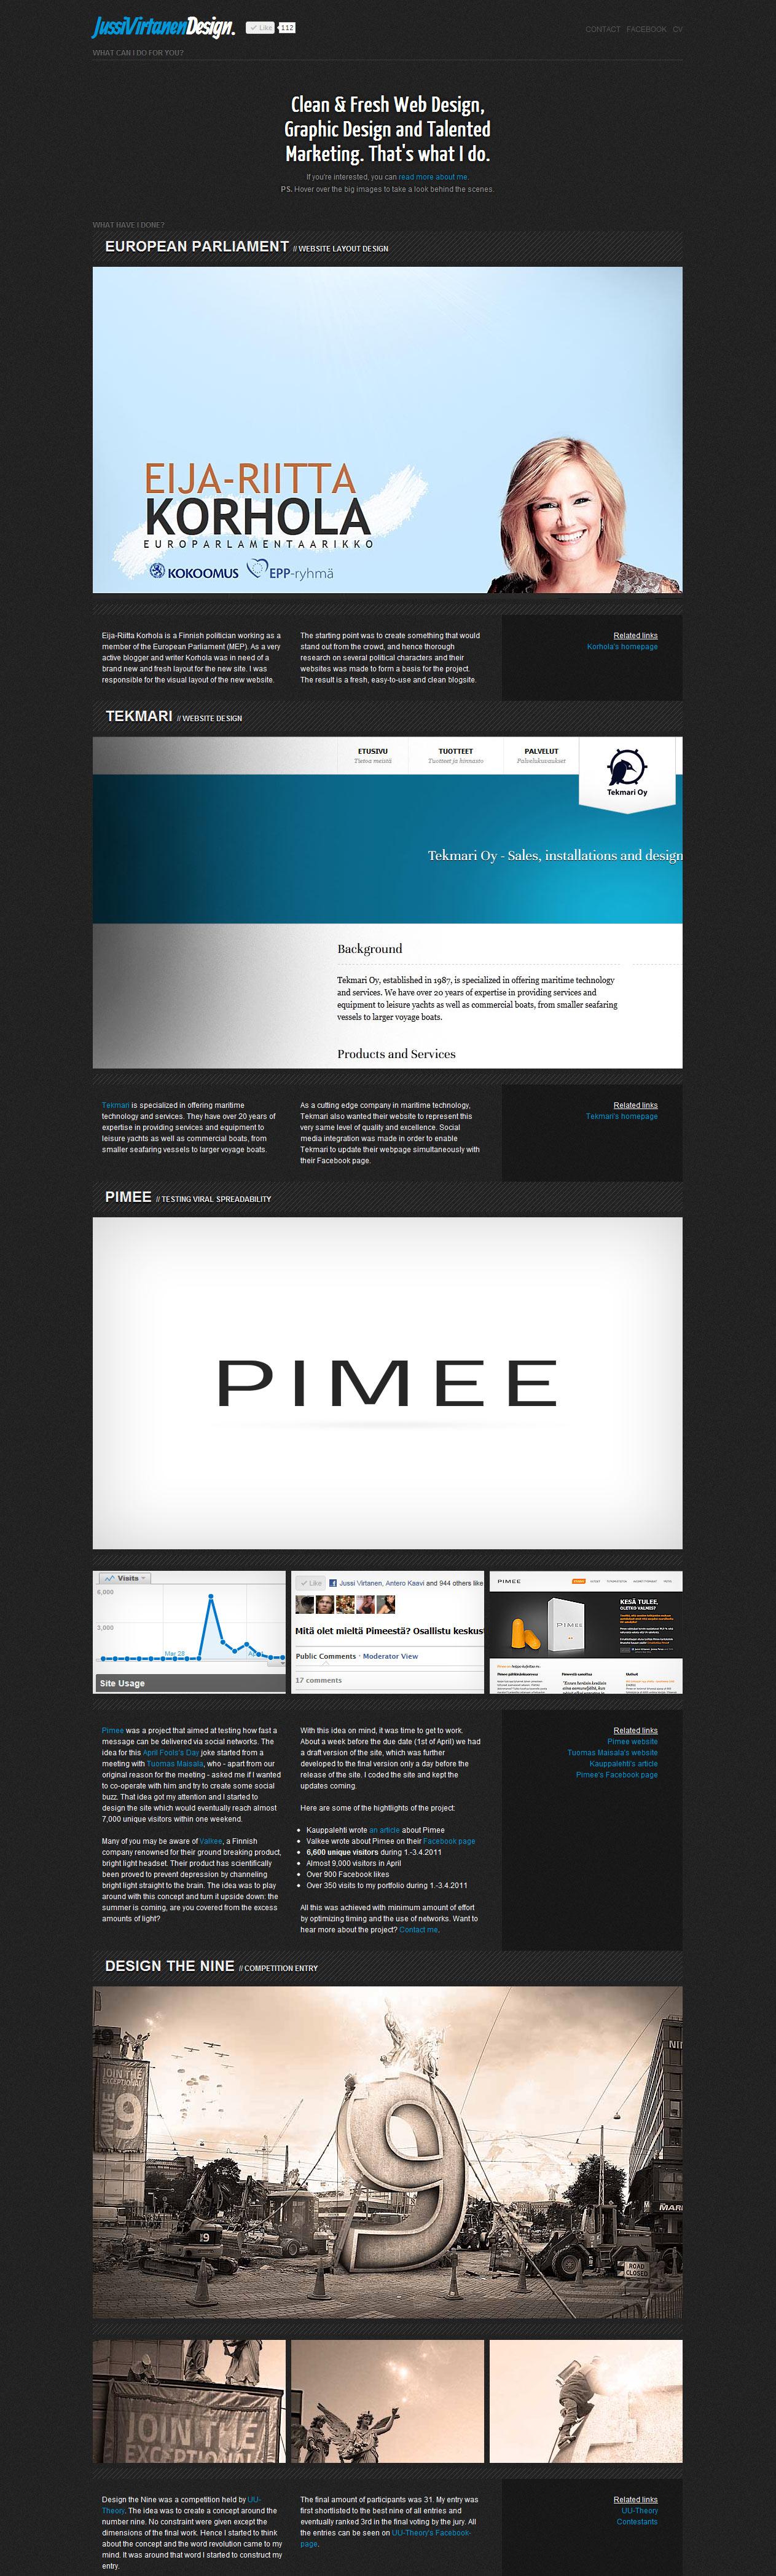 Jussi Virtanen Design Website Screenshot